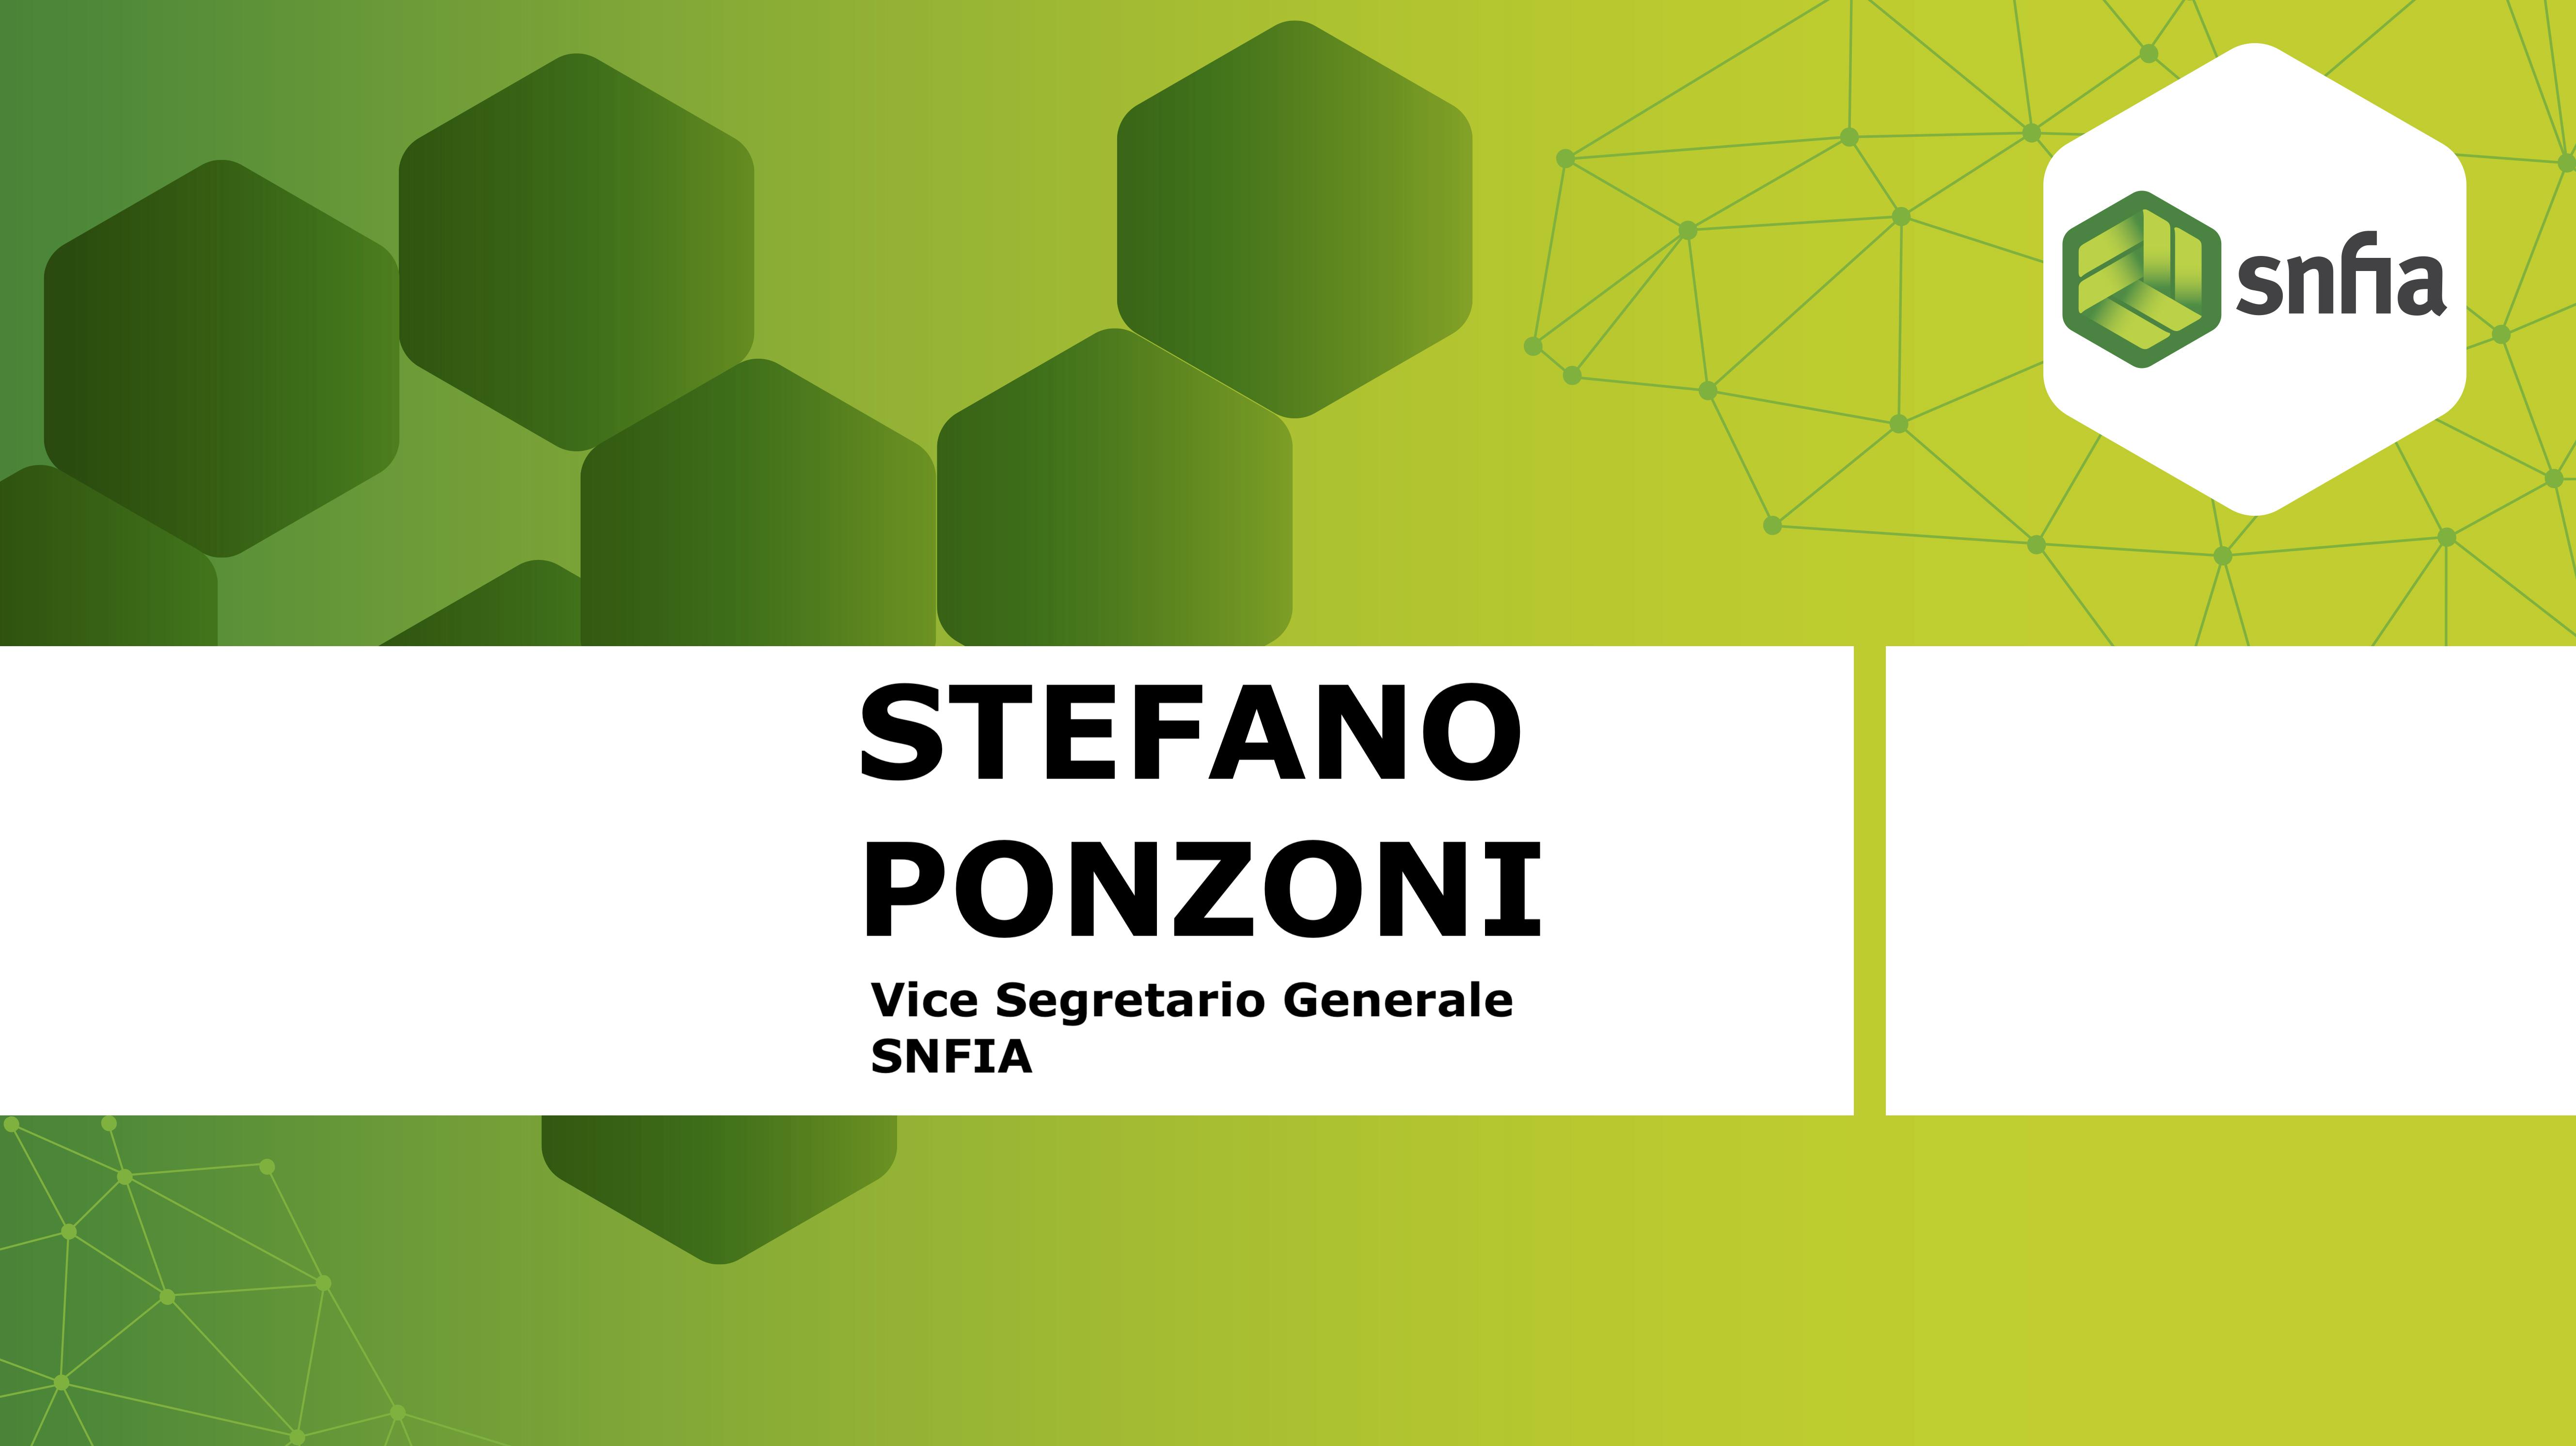 Stefano Ponzoni